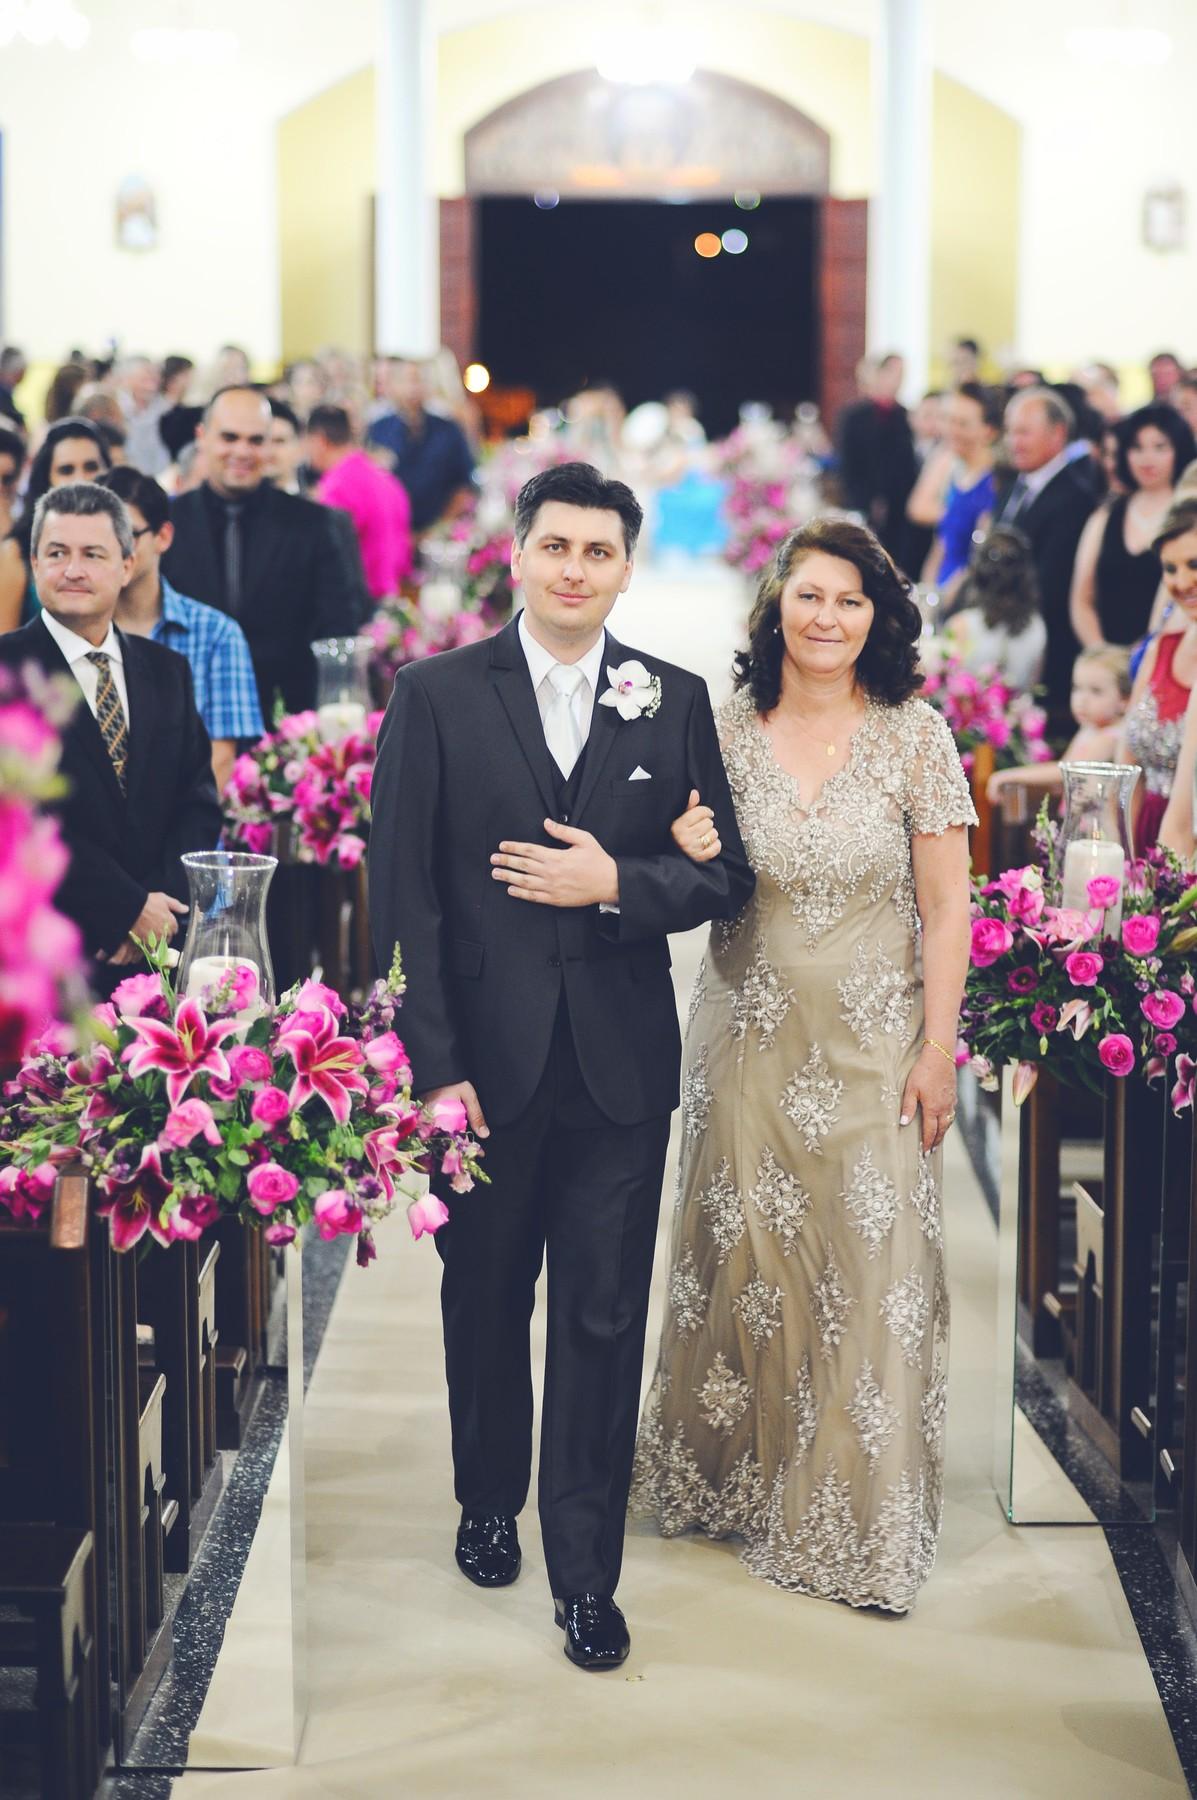 caroline münch - leandro neiderdt - casamento - são bento do sul - chroma fotografia